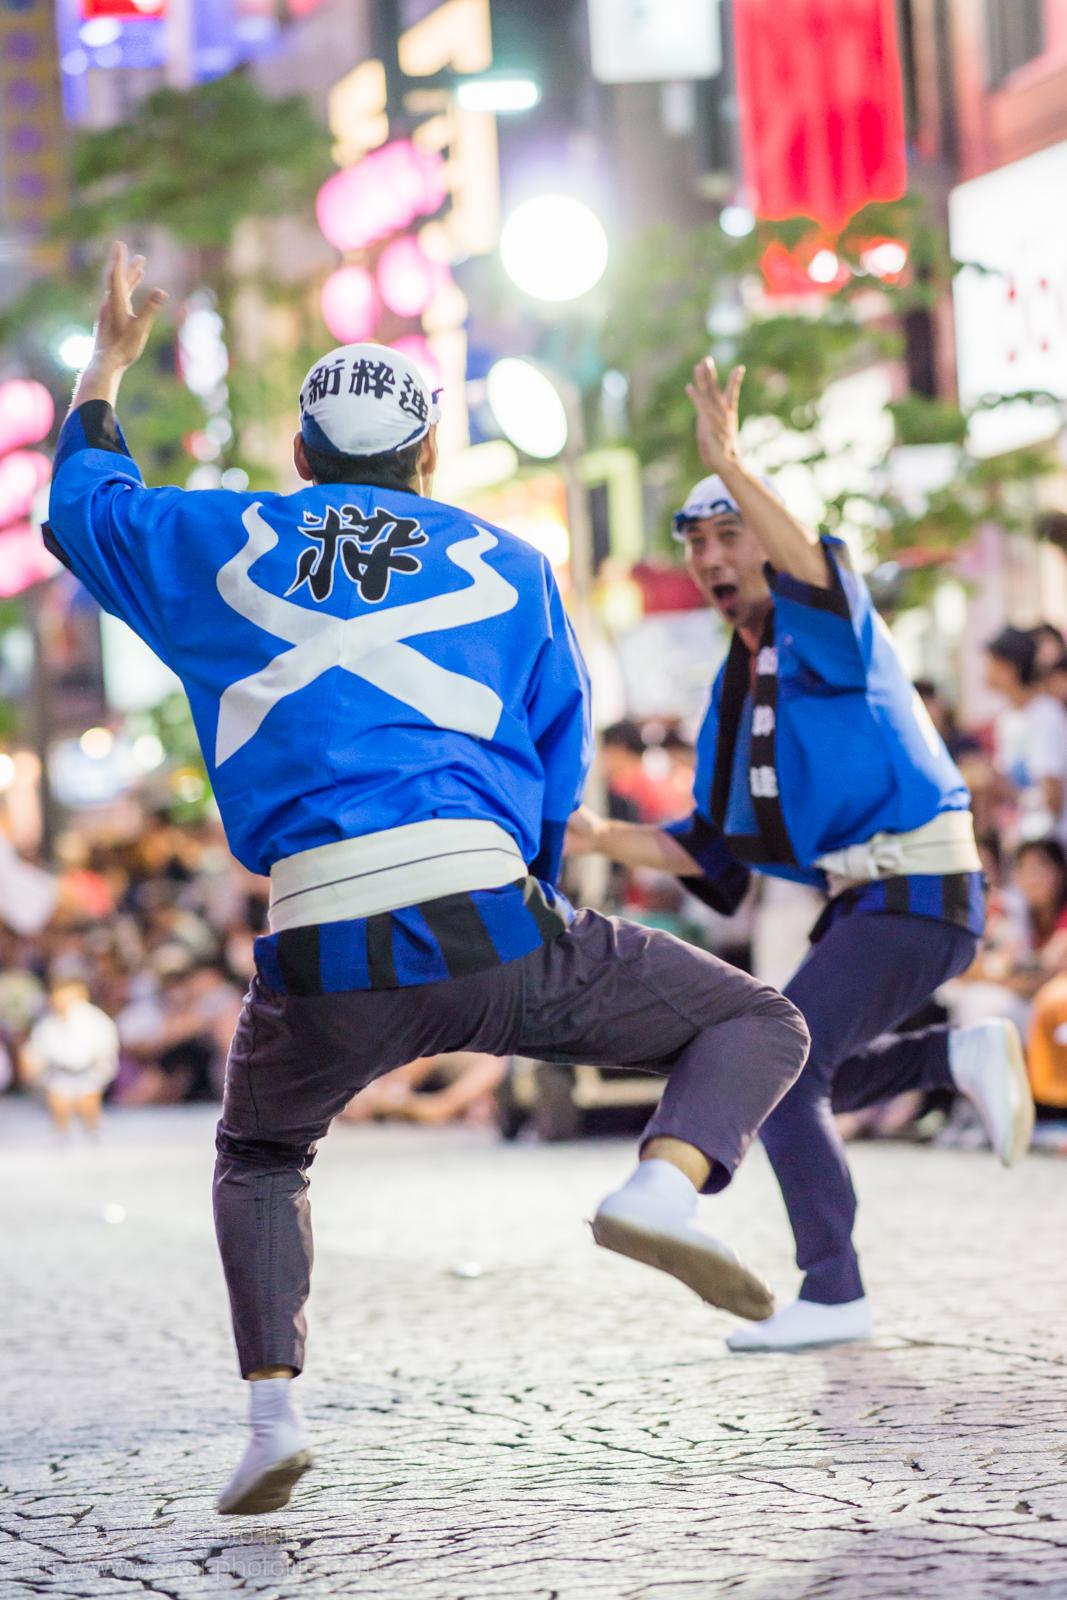 三鷹阿波踊り、新粋連の心踊る男踊り